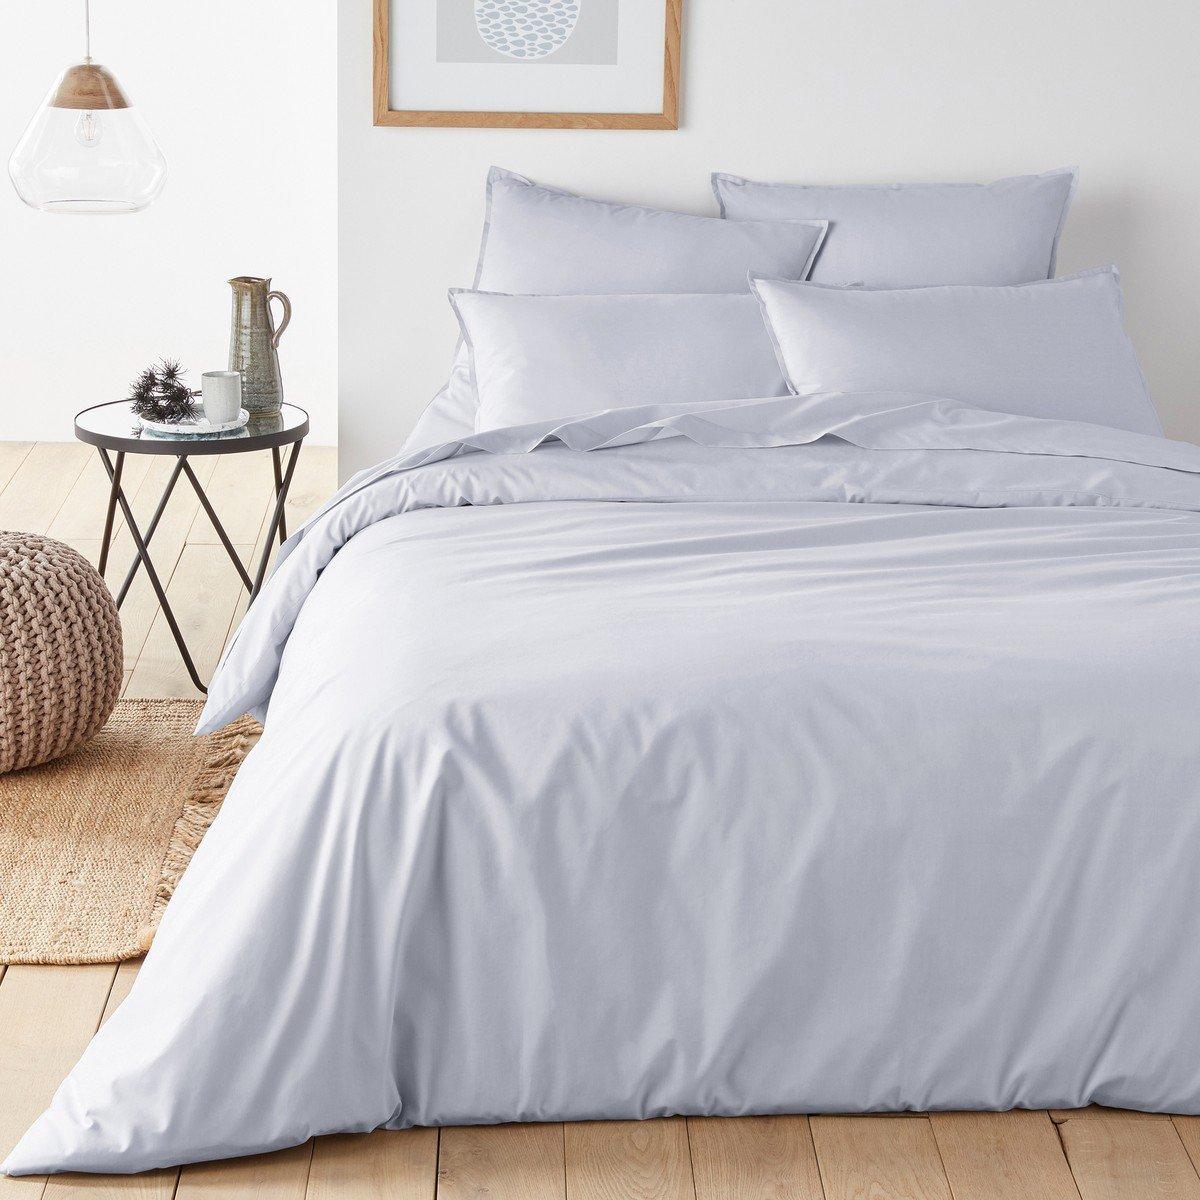 La Redoute Interieurs Organic Cotton Percale Duvet Cover Grey Size Single (140 X 200Cm)